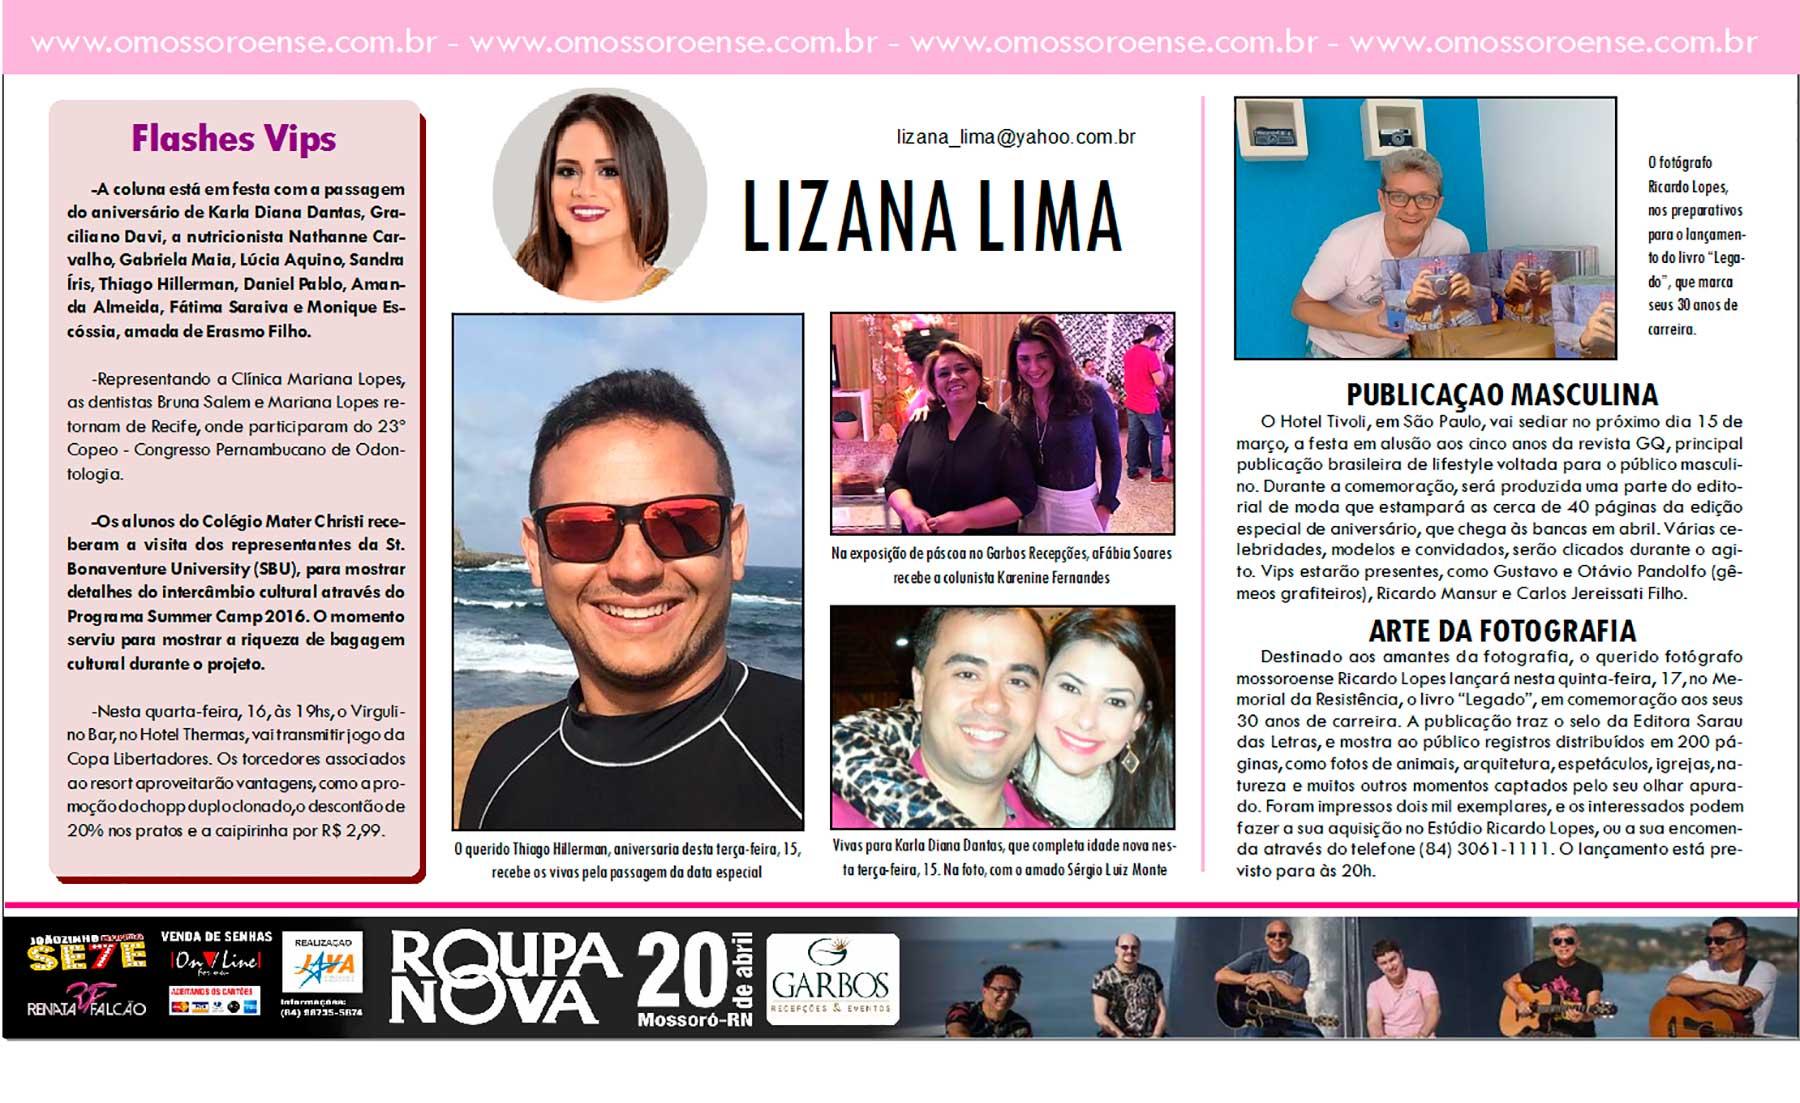 LIZANA-LIMA-15-03-16